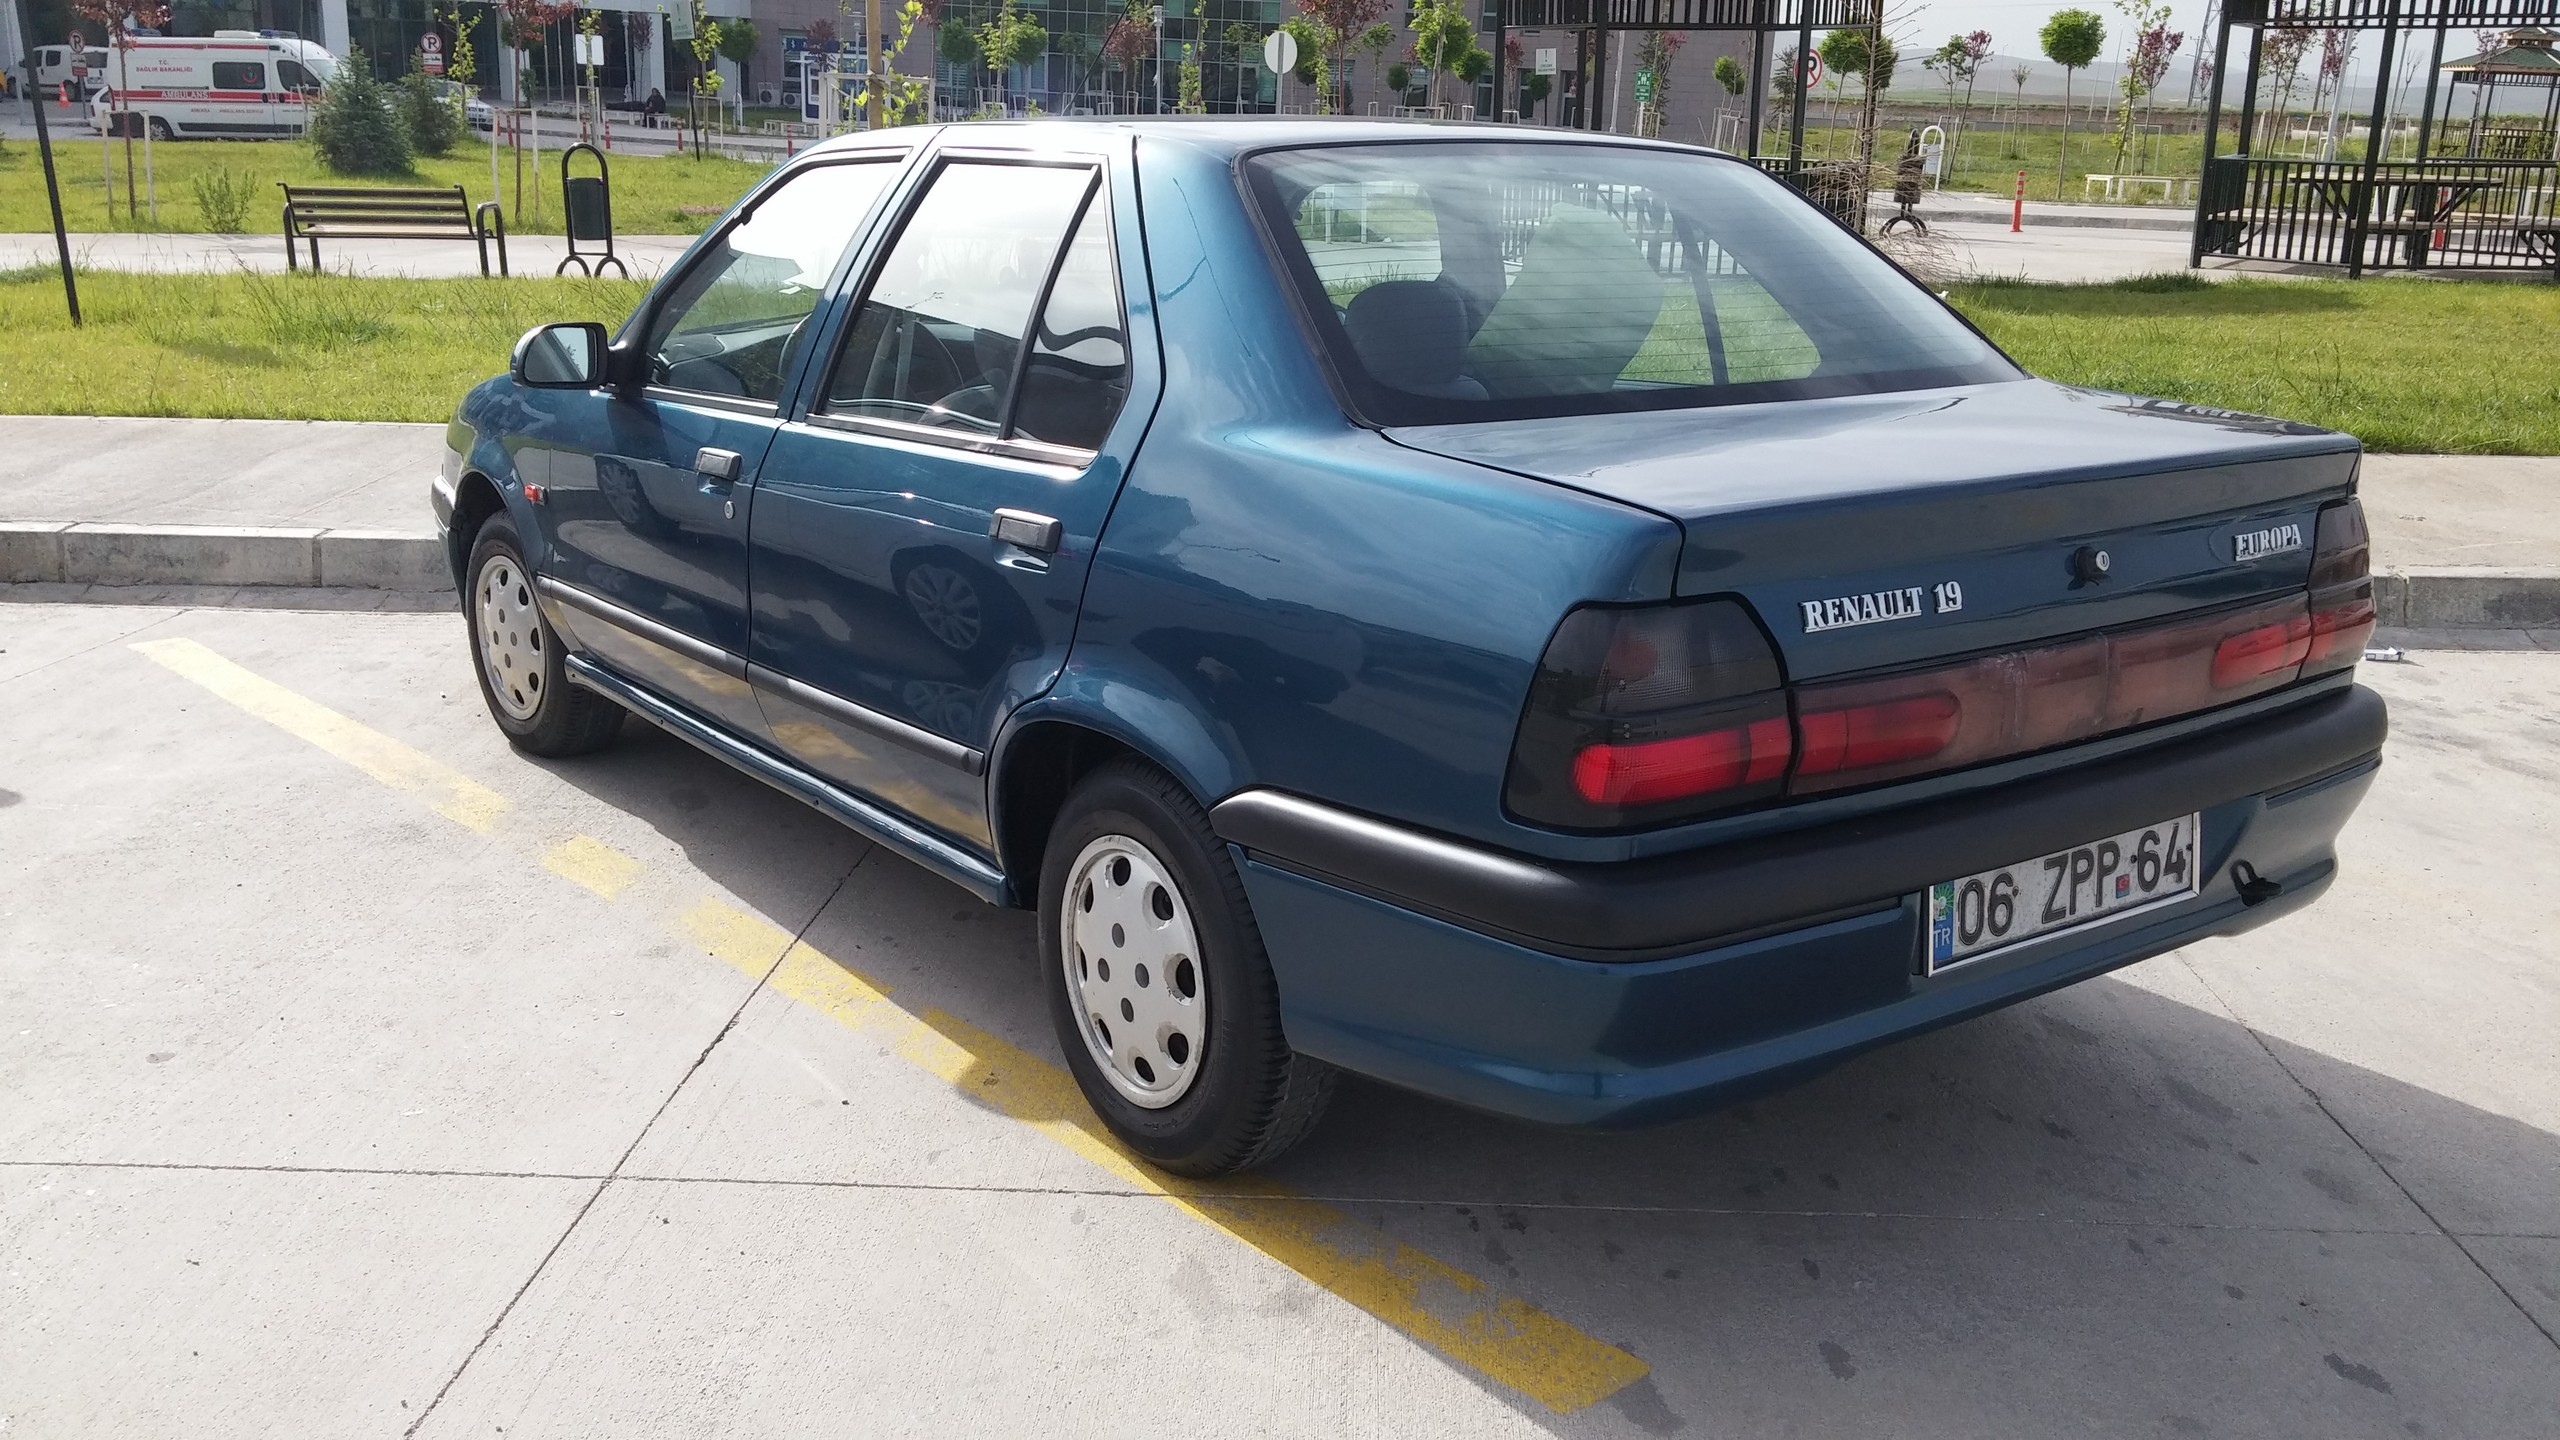 Renault Fan Club Rfc Renault Turkiye Renault Teknik Destek